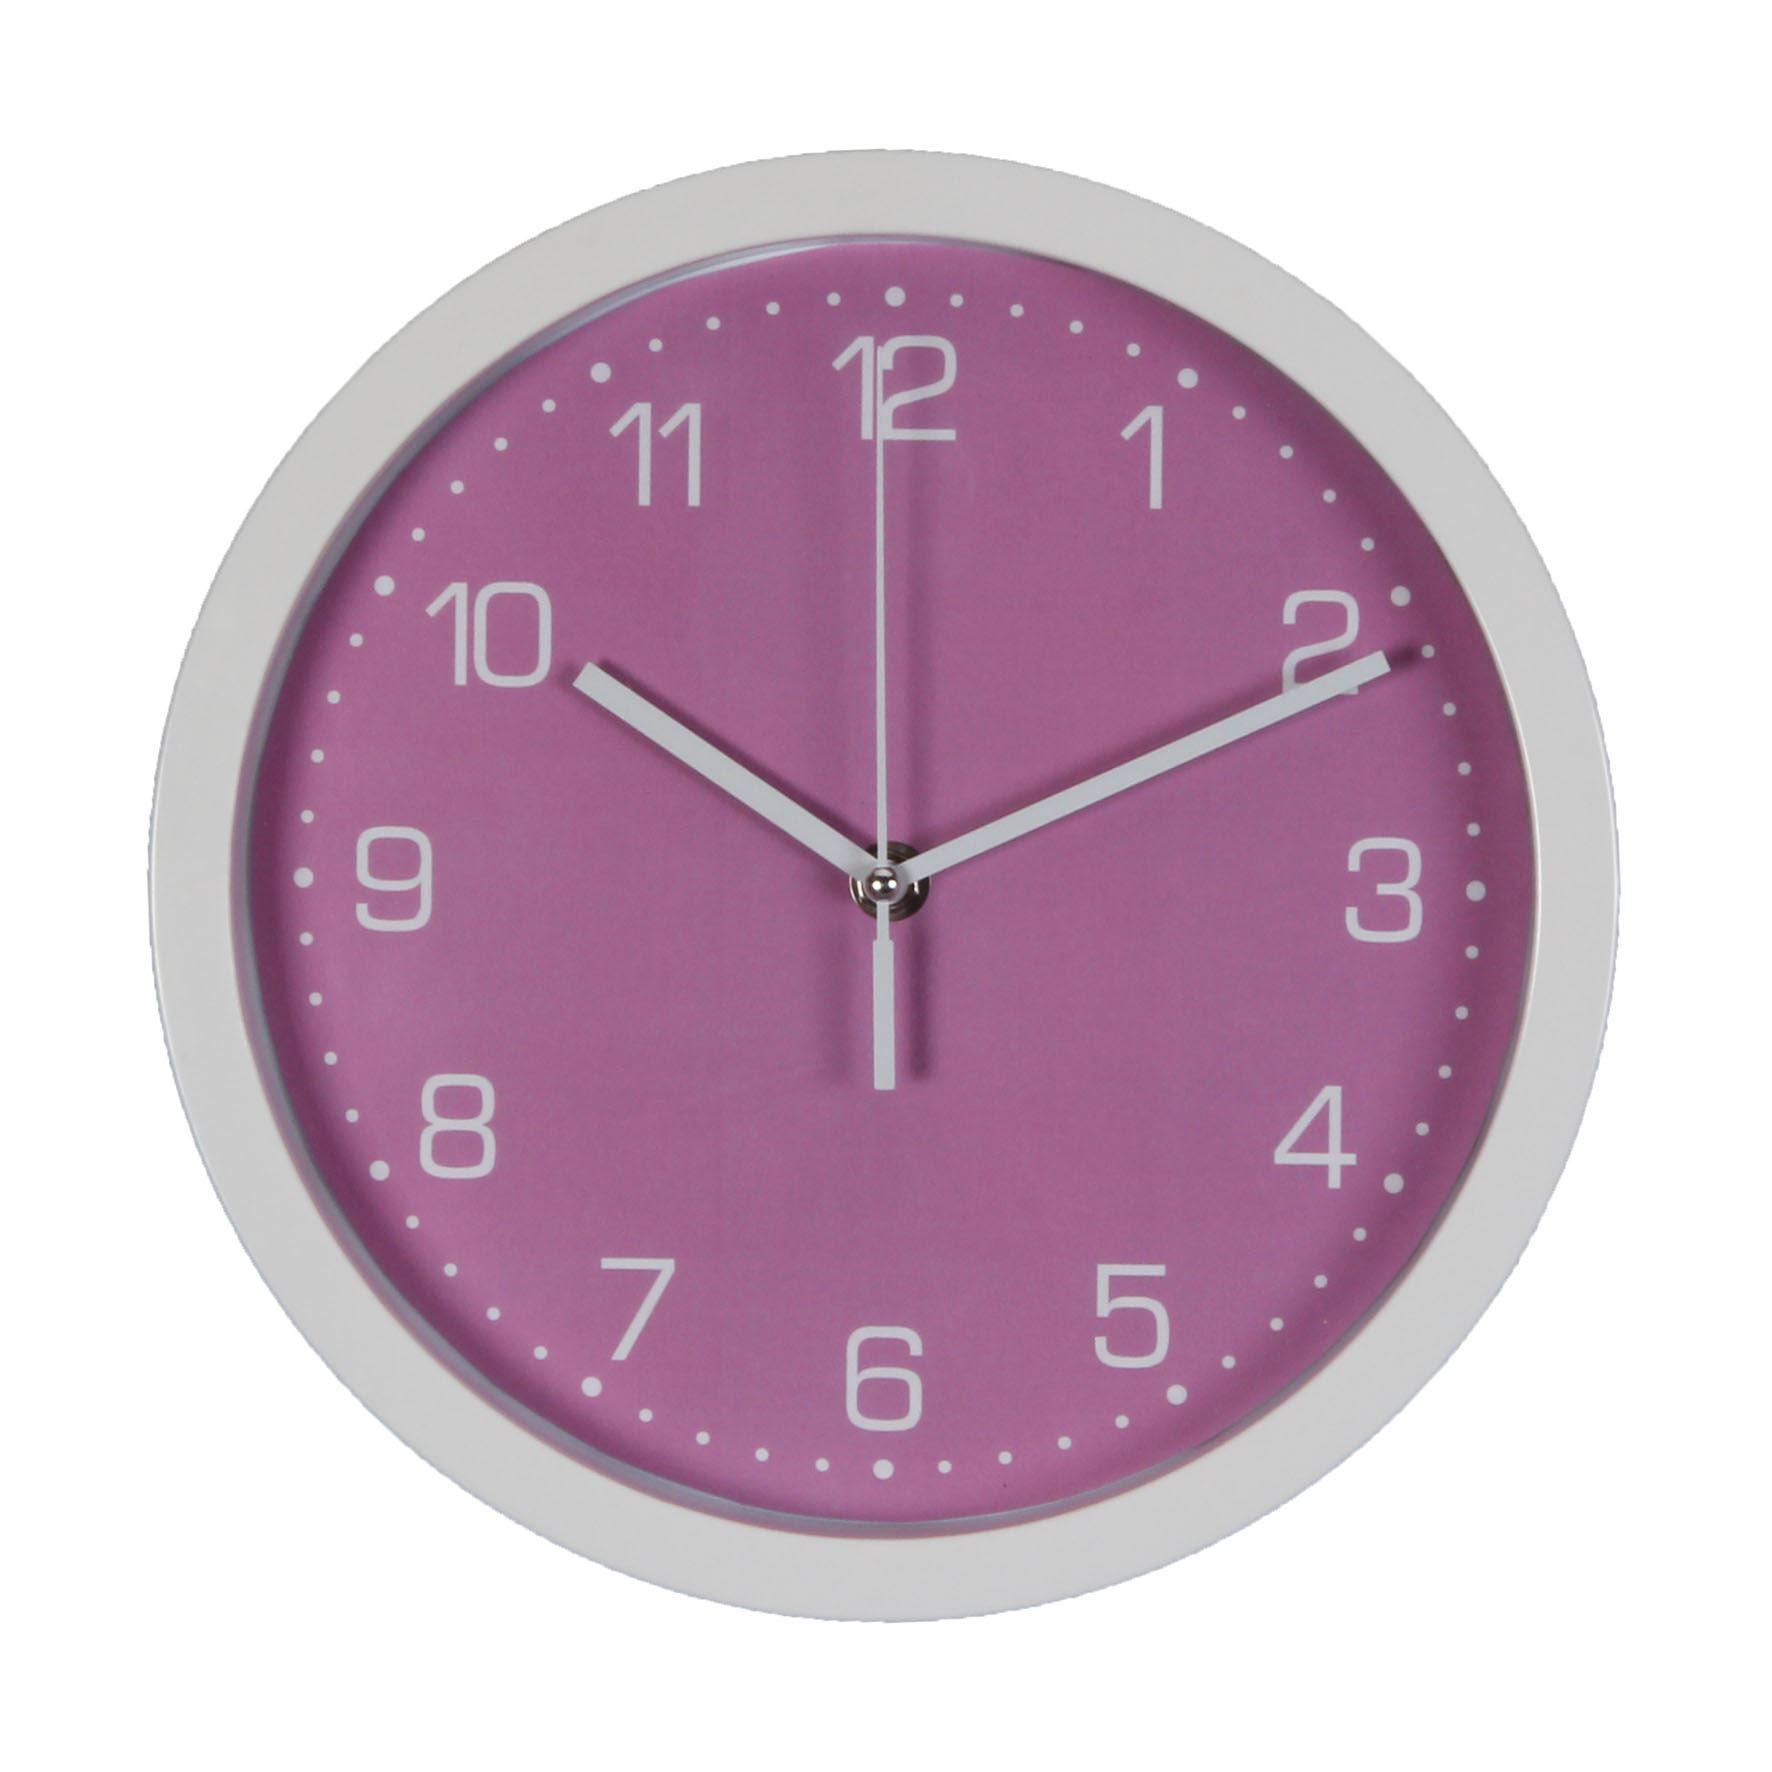 Just 4 Kids Wall Clock - Pink Arabic Dial